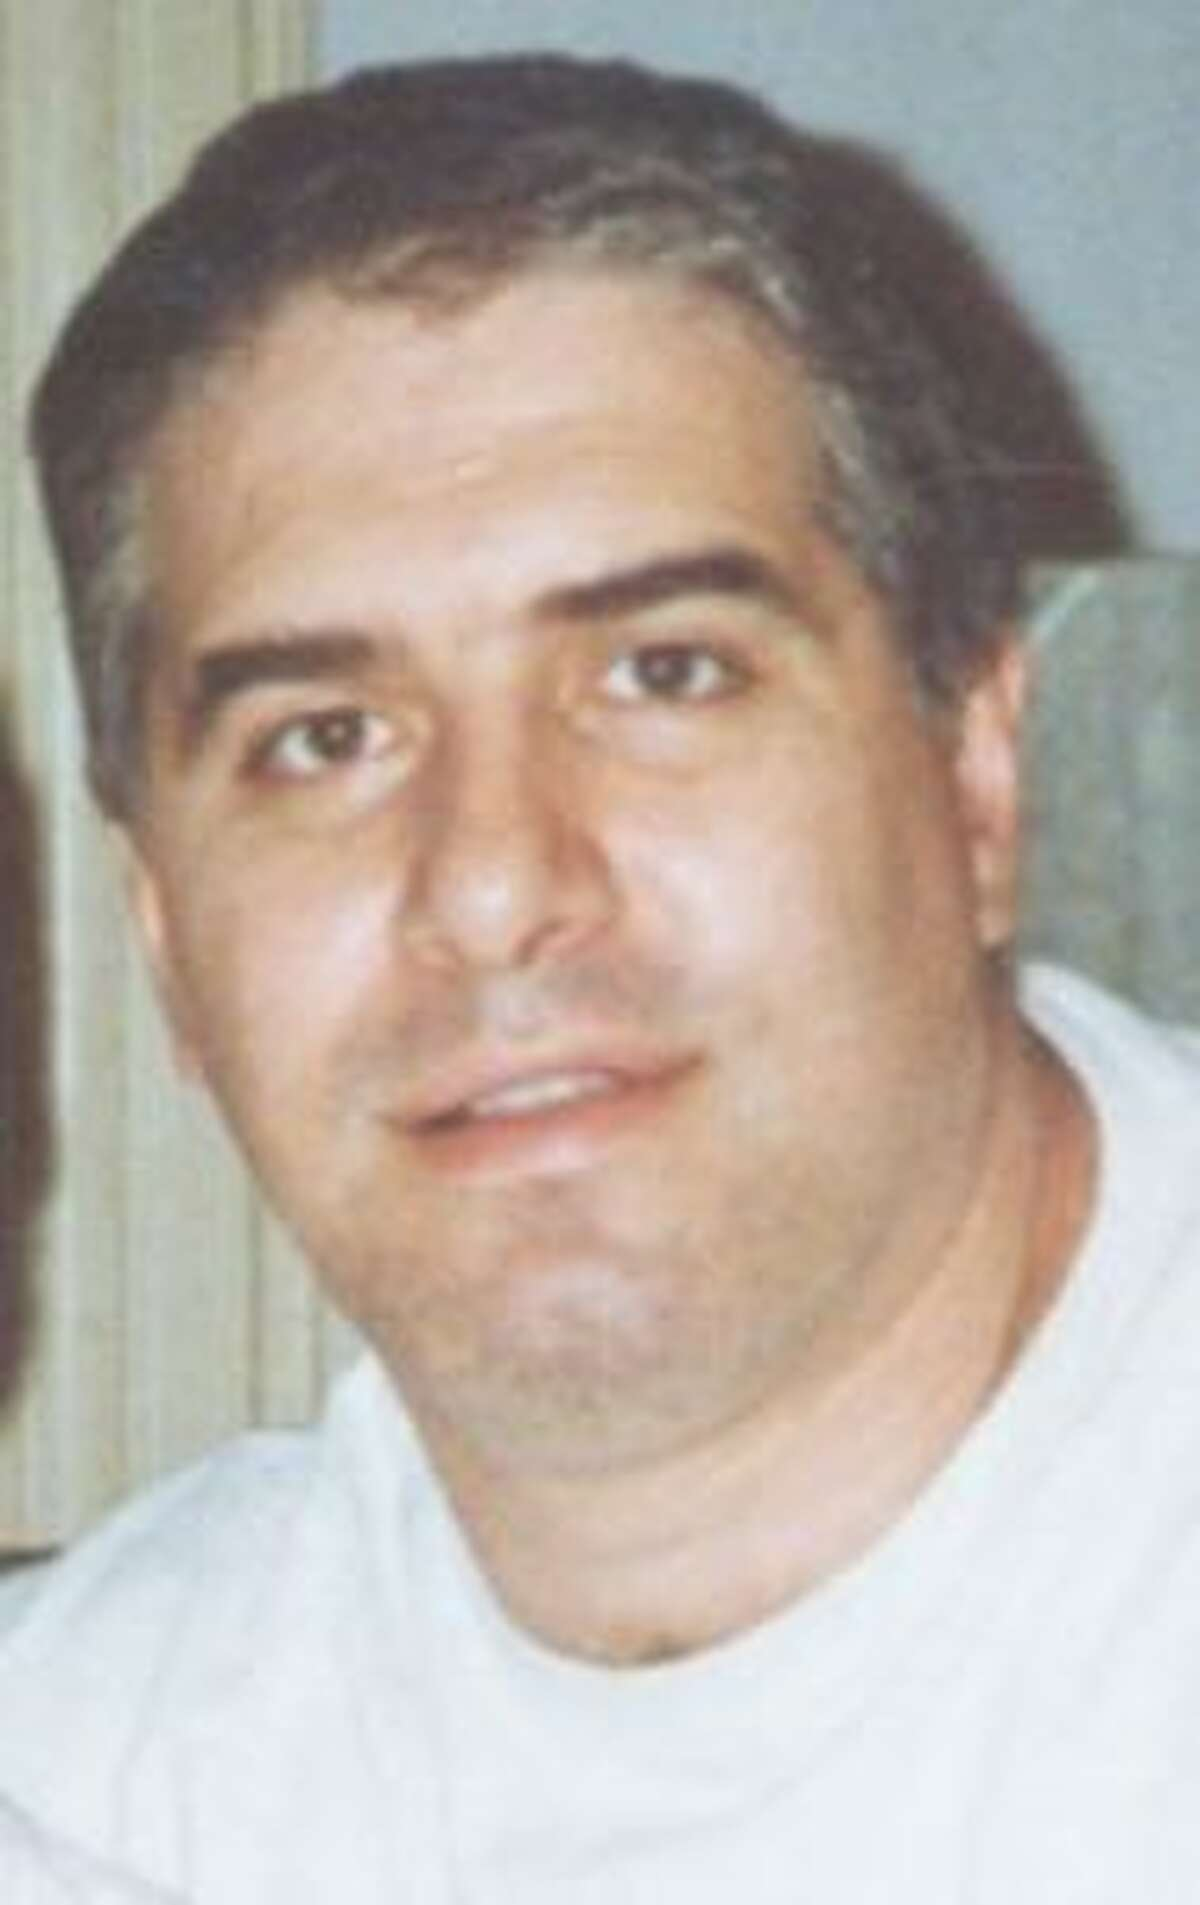 David M. Calitri